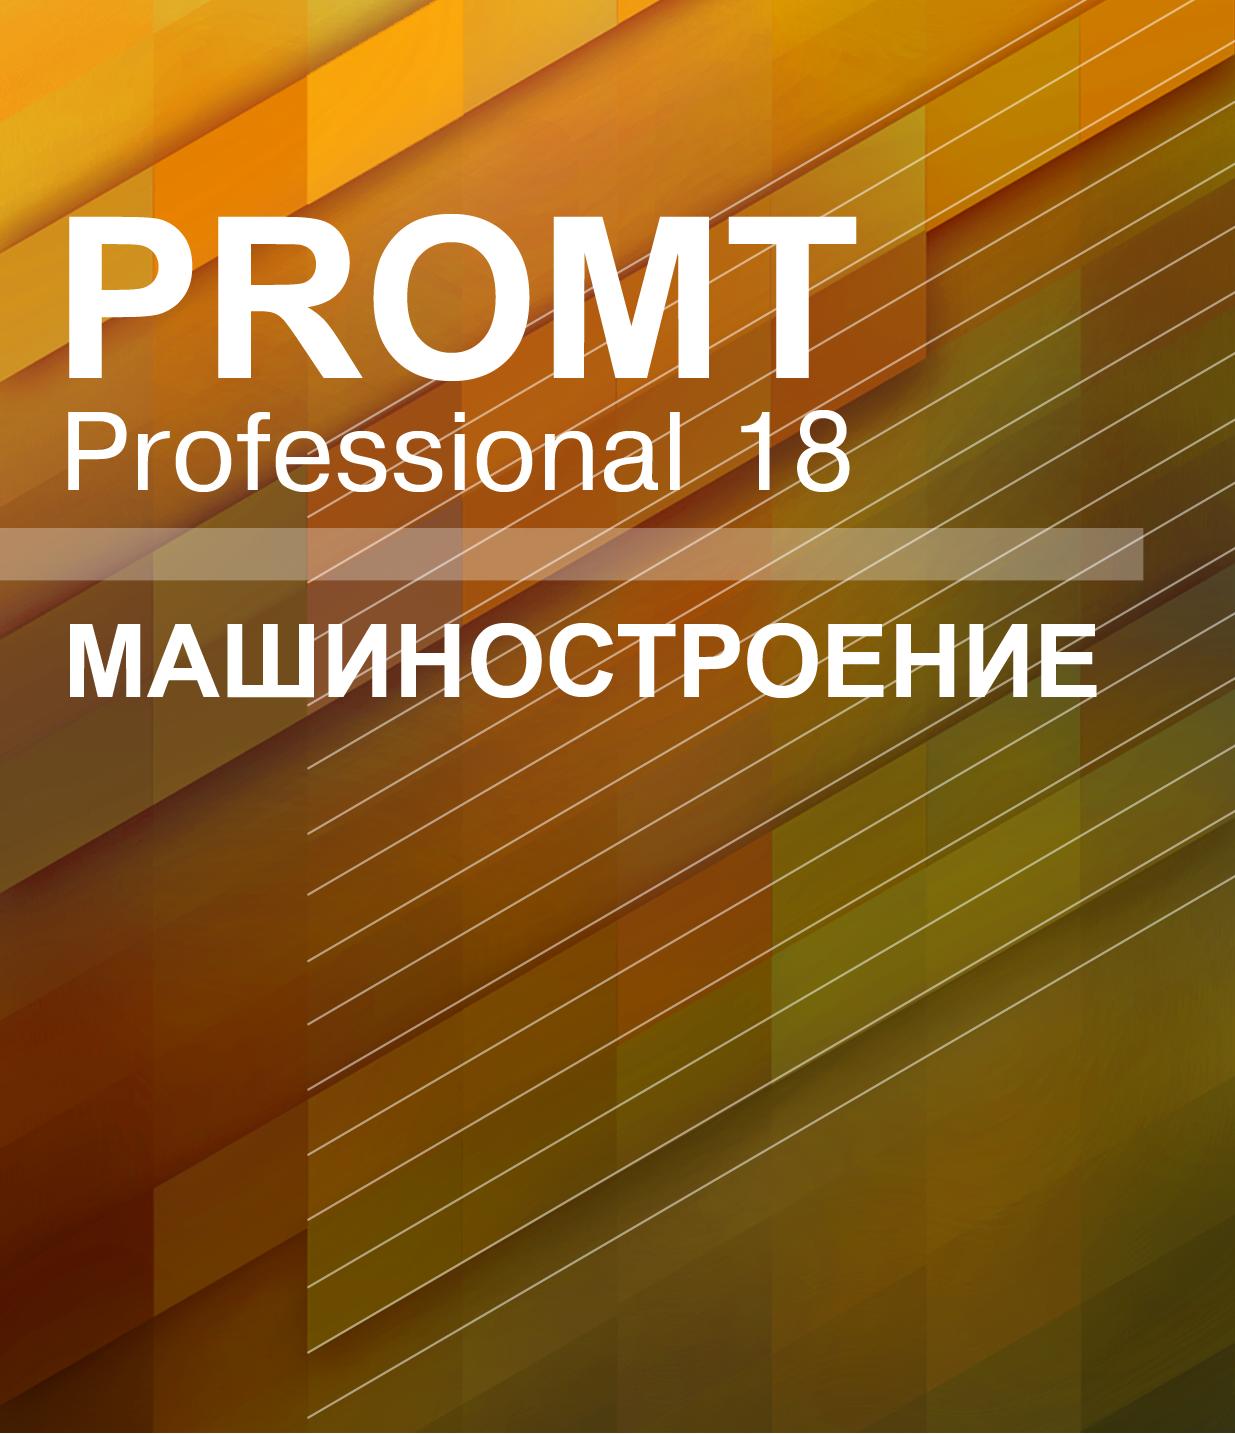 PROMT Professional 18 Многоязычный, Машиностроение